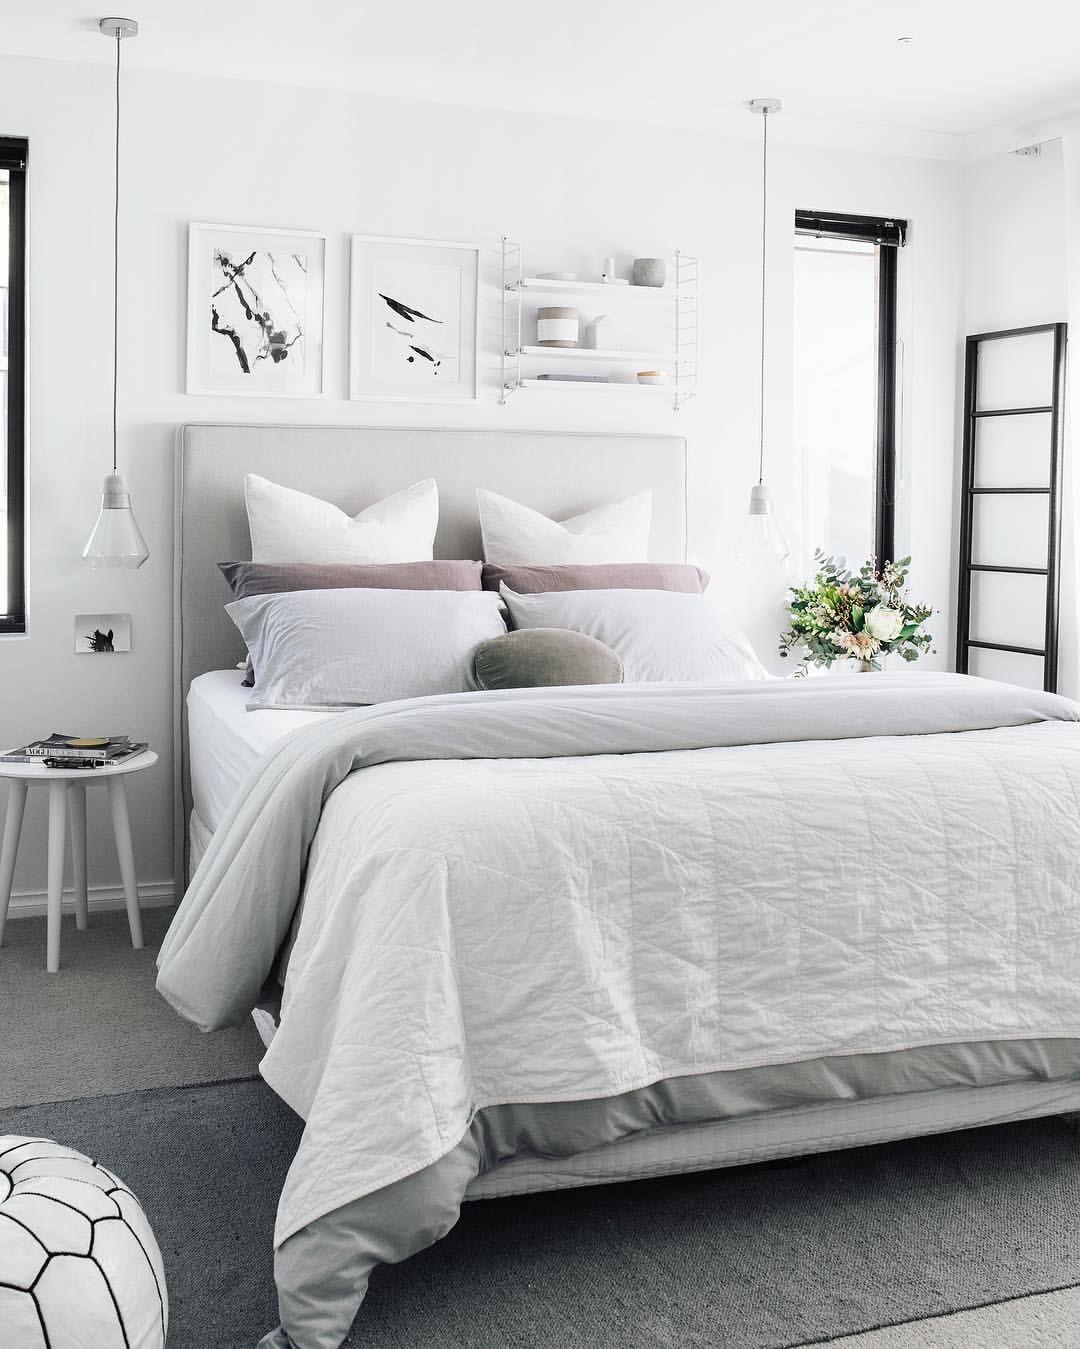 Schlafzimmer Einrichten Blog: Pin Von Vivian Gebhard Auf Home